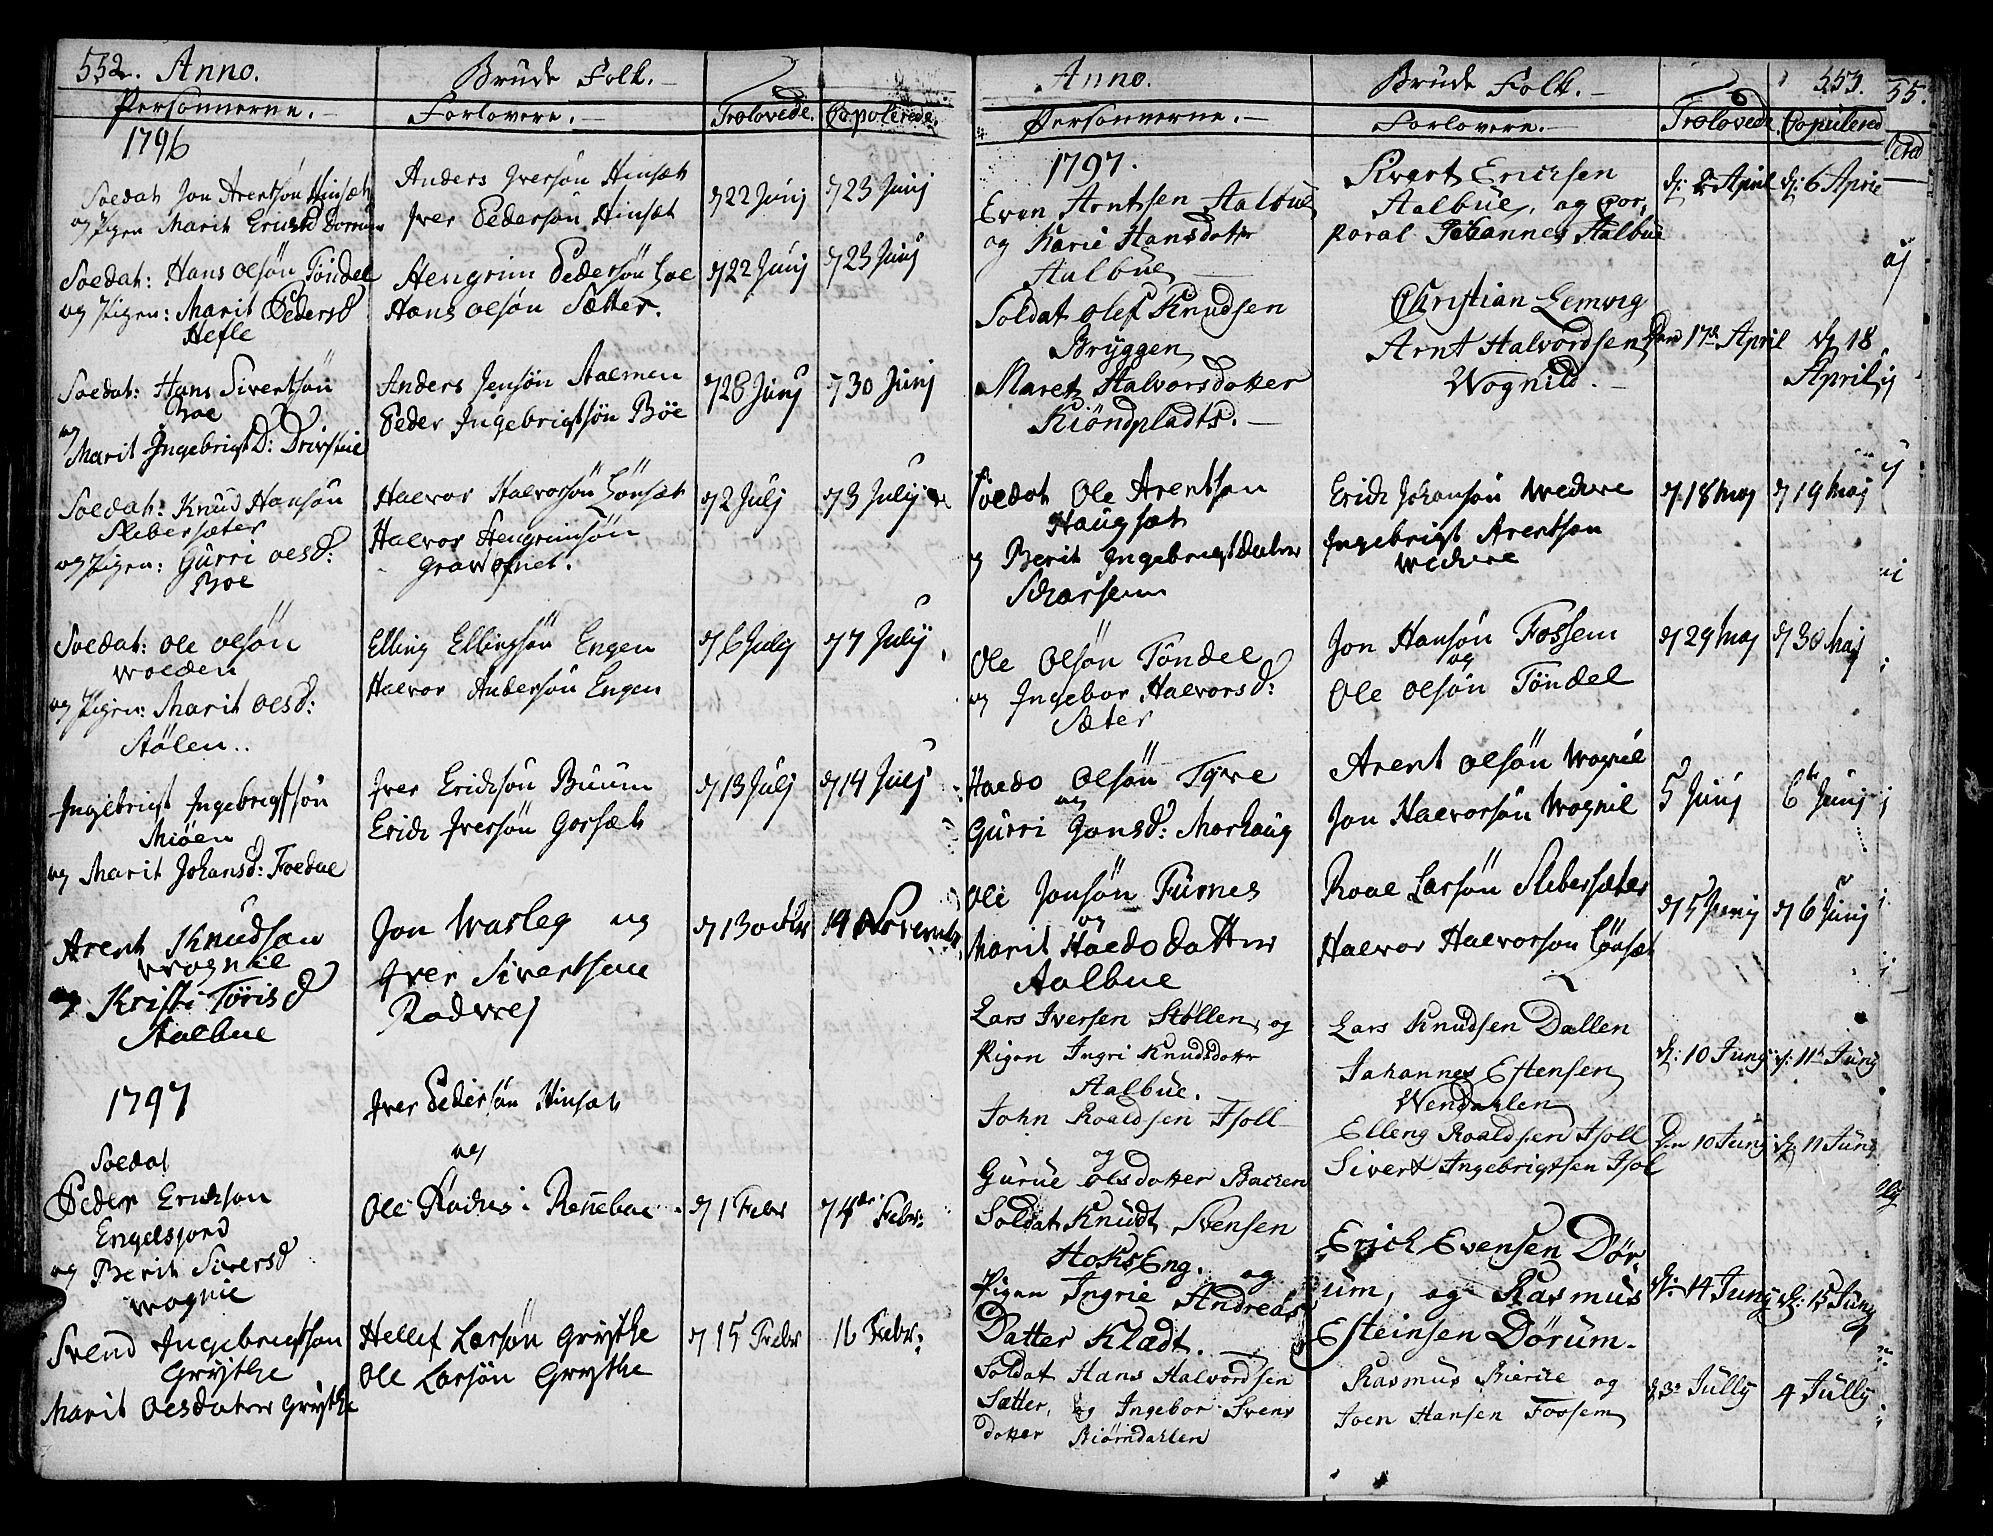 SAT, Ministerialprotokoller, klokkerbøker og fødselsregistre - Sør-Trøndelag, 678/L0893: Ministerialbok nr. 678A03, 1792-1805, s. 552-553